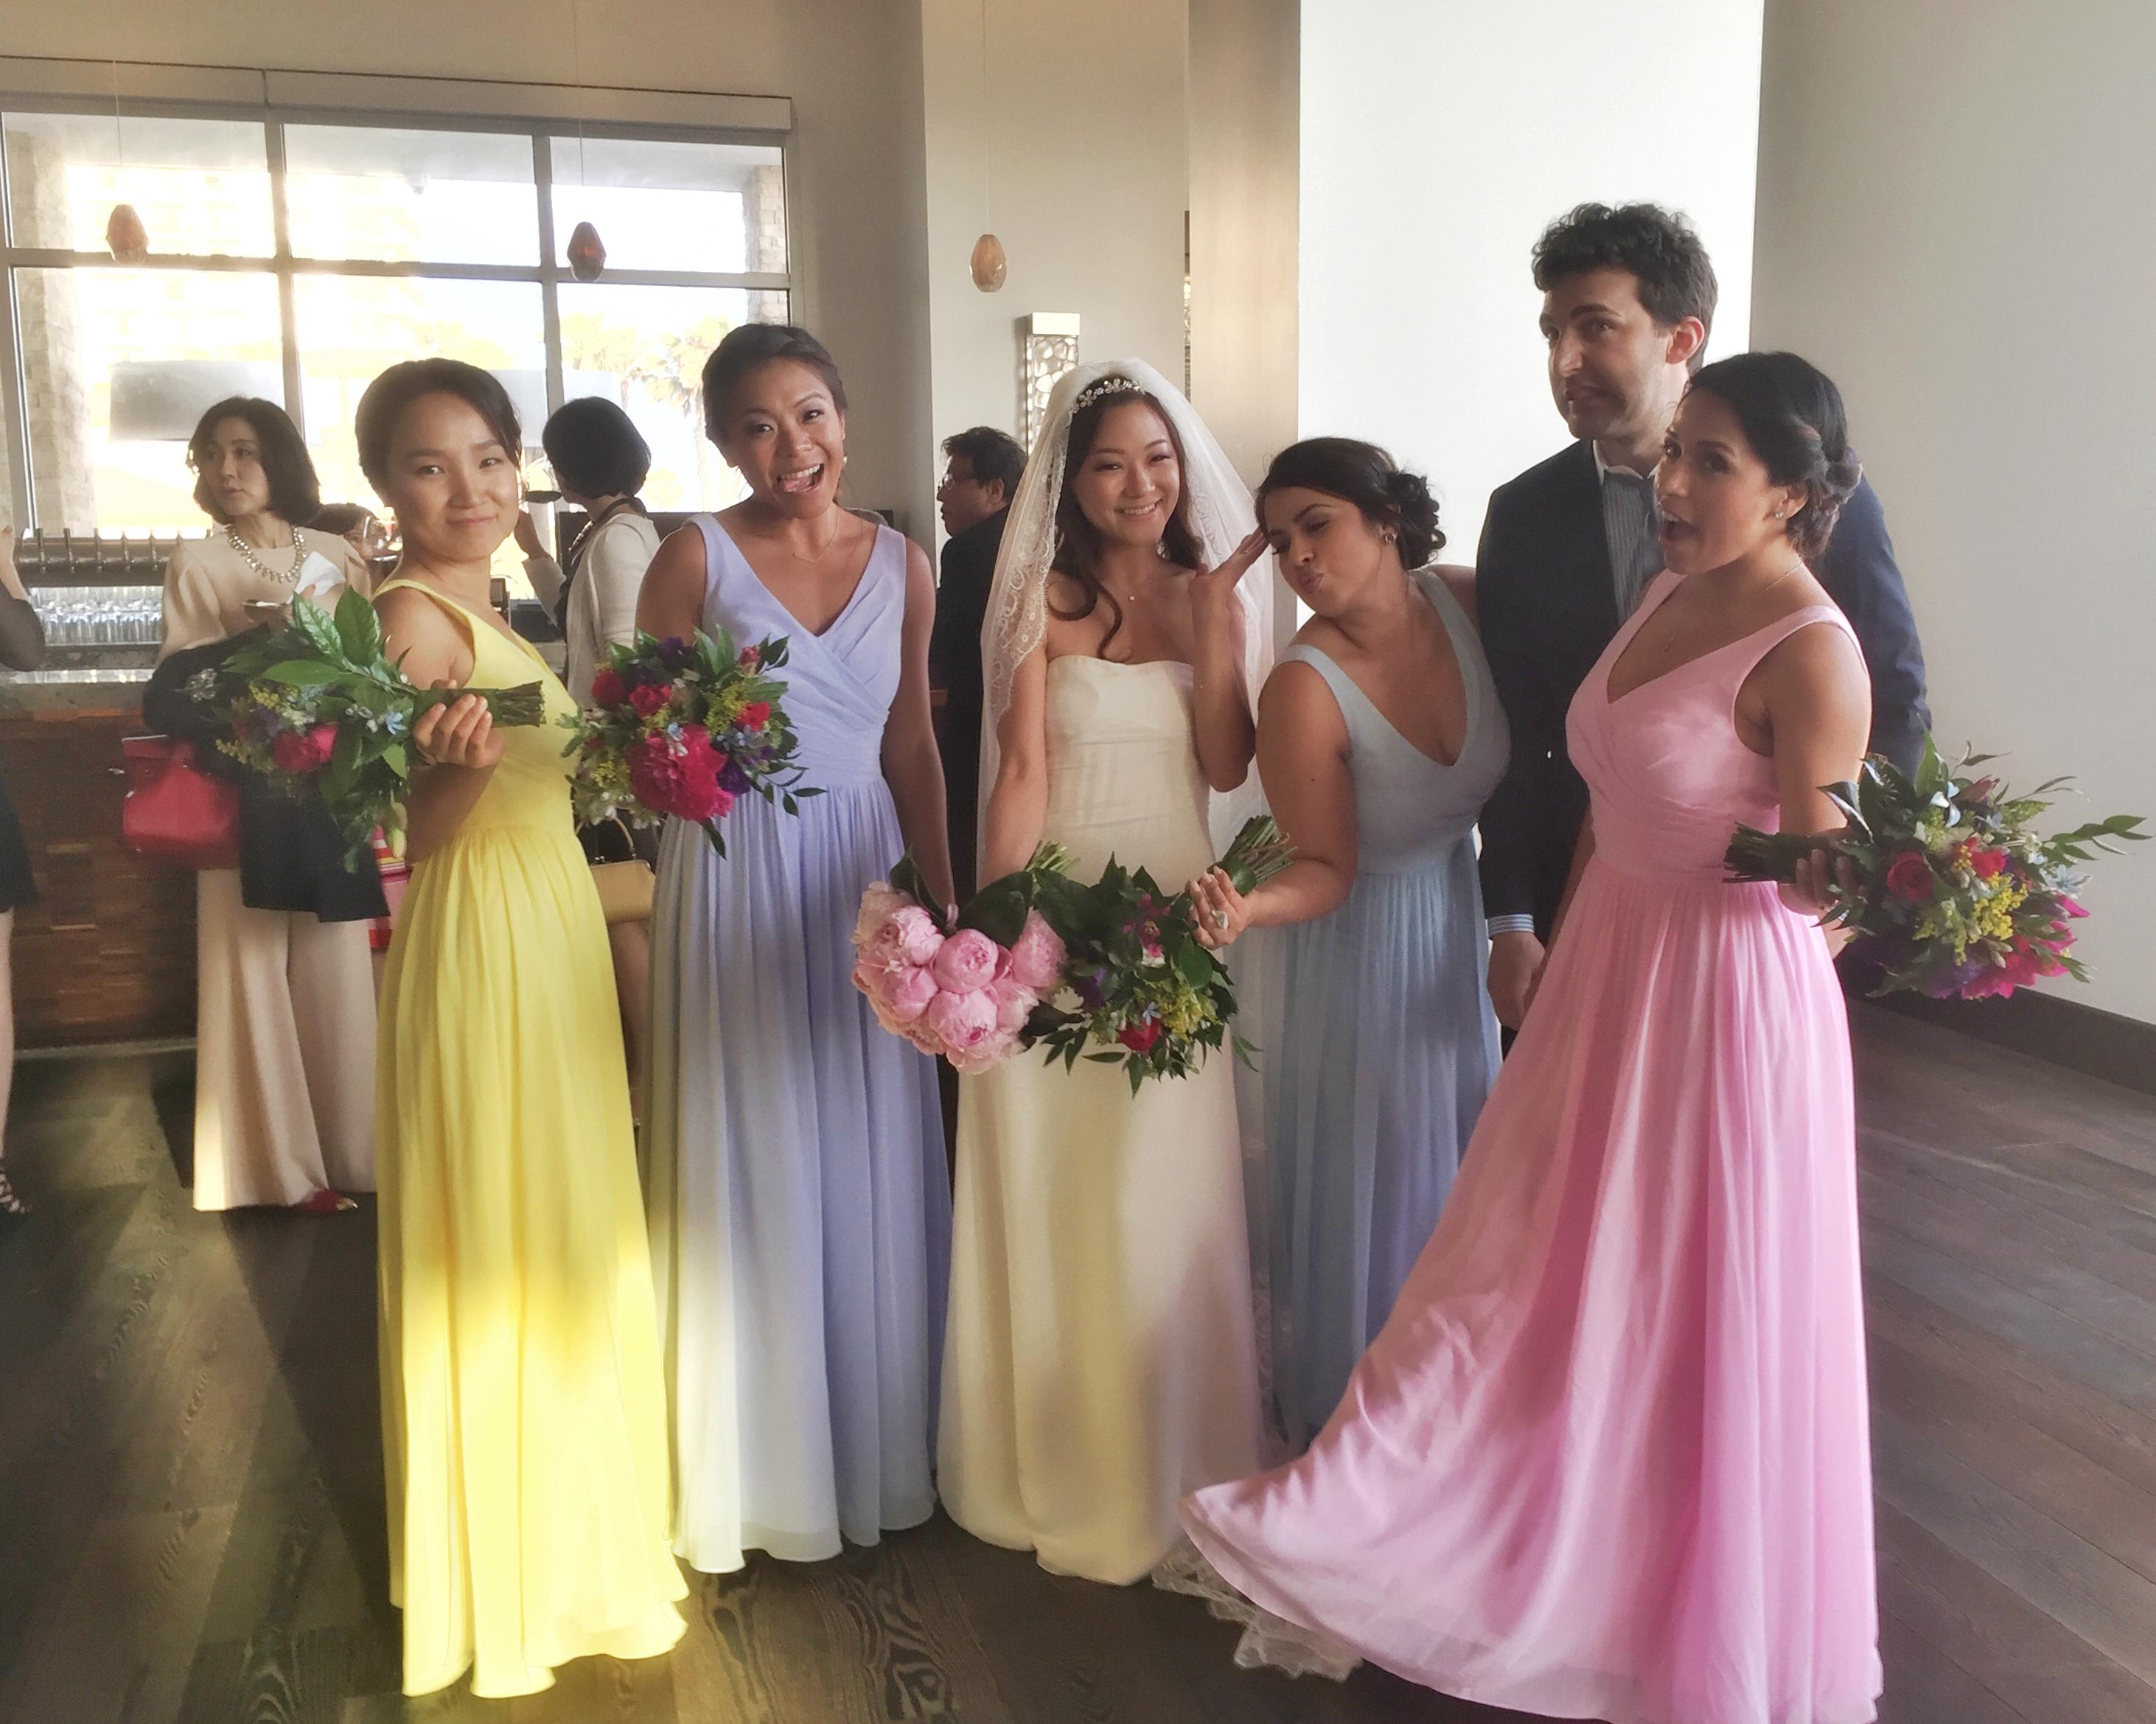 Azazie keyla bridesmaid dress azazie azazie keyla ombrellifo Image collections